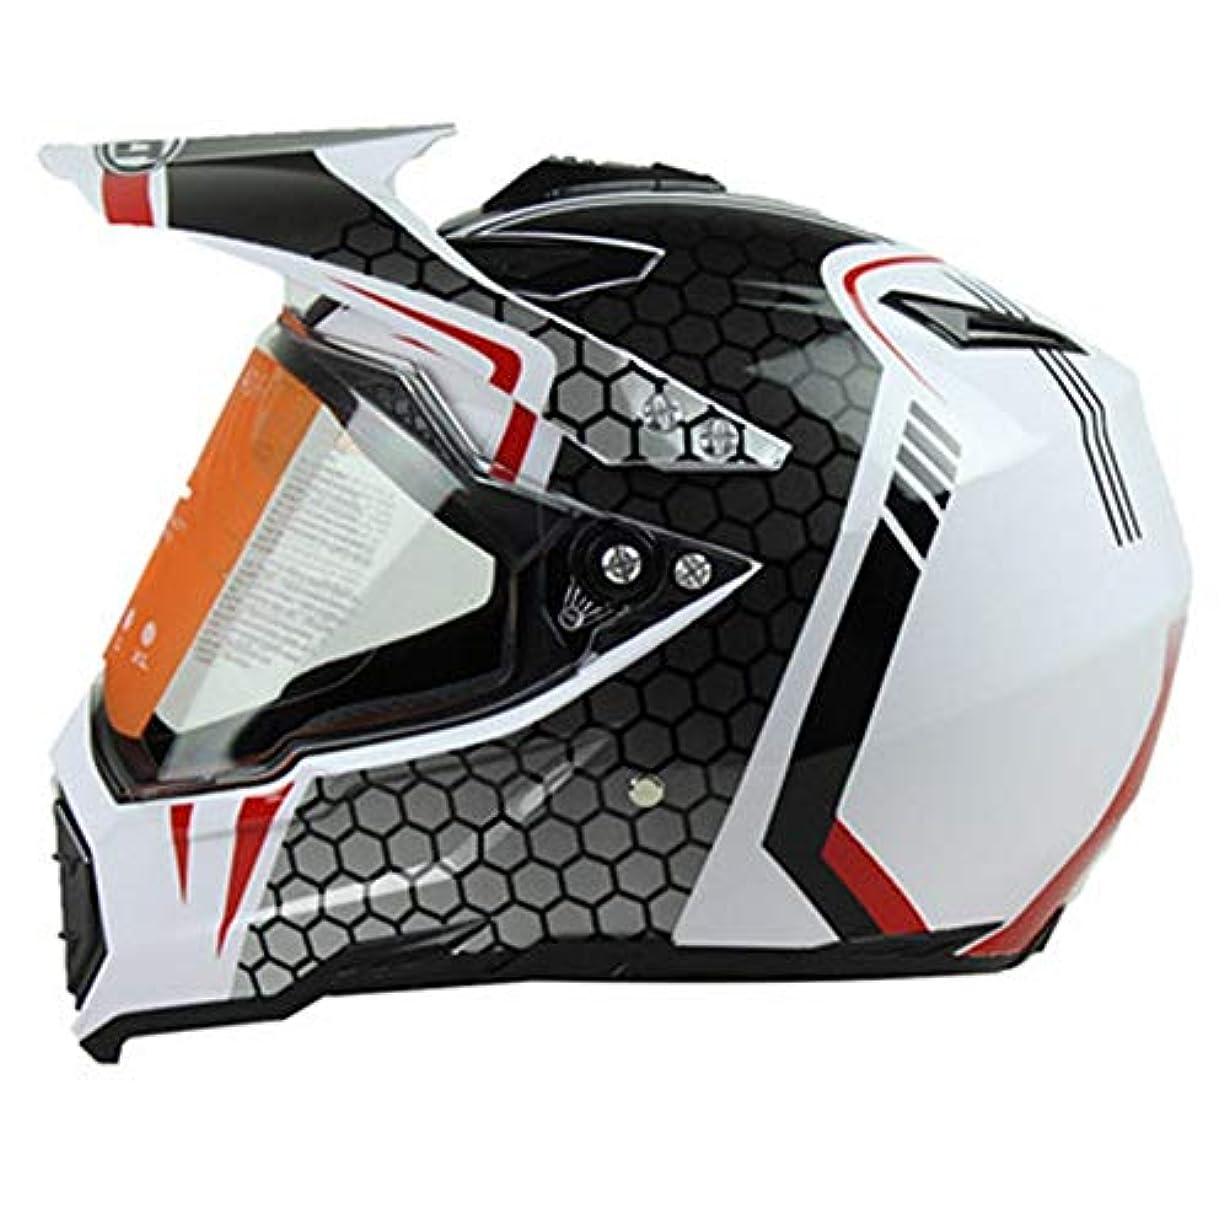 フルーツ野菜胴体決定的HYH ホワイトグリーンシルバープロフェッショナルオートバイヘルメットモトクロスヘルメットオートバイ安全ヘルメットハイウェイヘルメットラリーフルヘルメットクライミングレースヘルメット自転車フルヘルメットマルチカラーヘルメットフルカバーフォーシーズンズユニバーサルヘルメット いい人生 (Color : White, Size : XL)